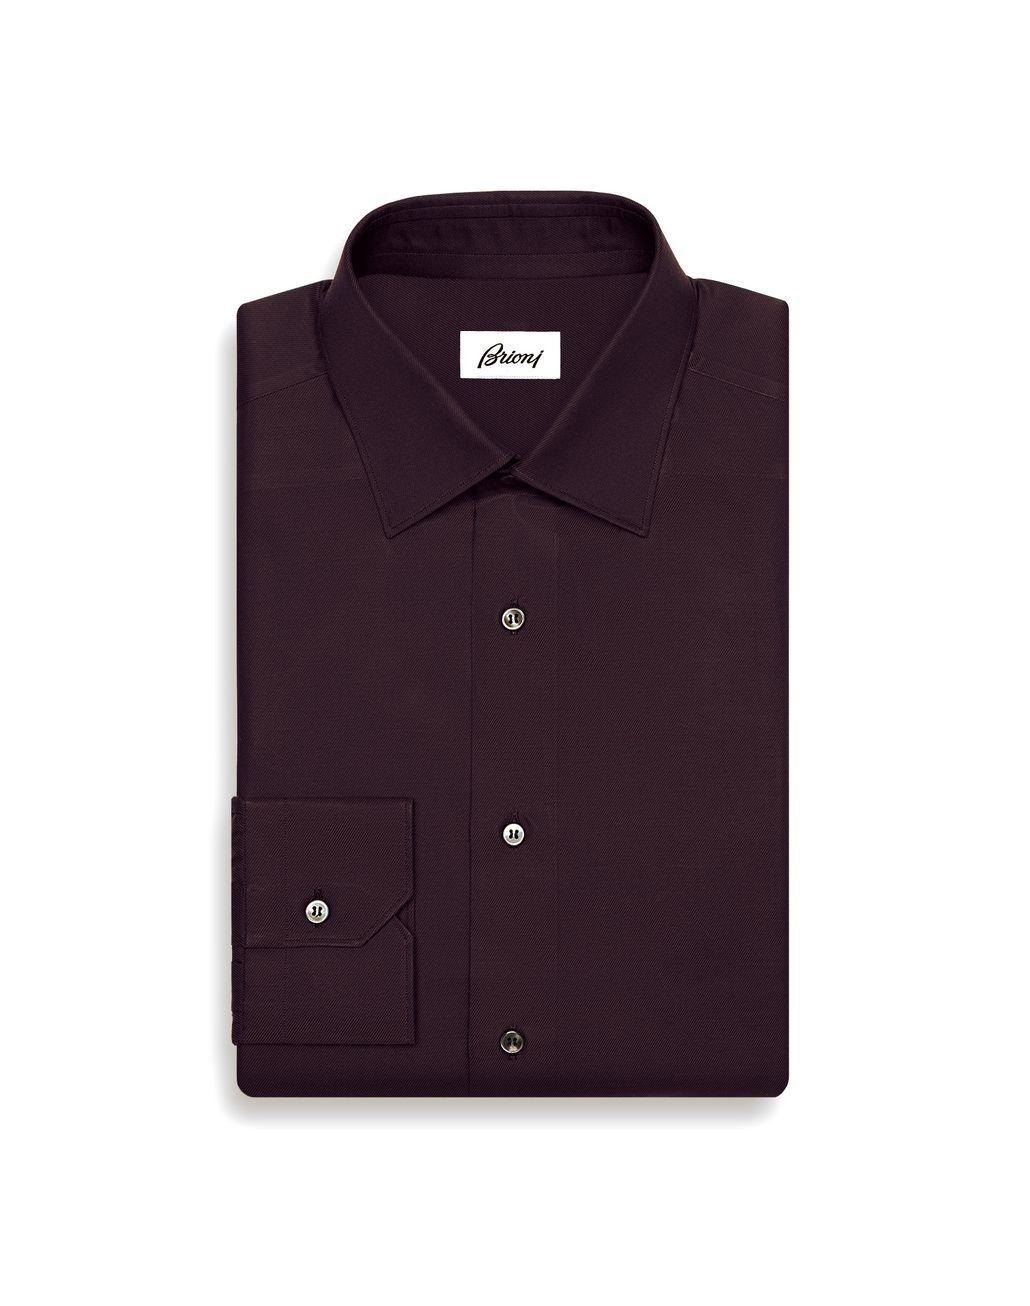 BRIONI Chemise ajustée bordeaux Chemise habillée Homme f